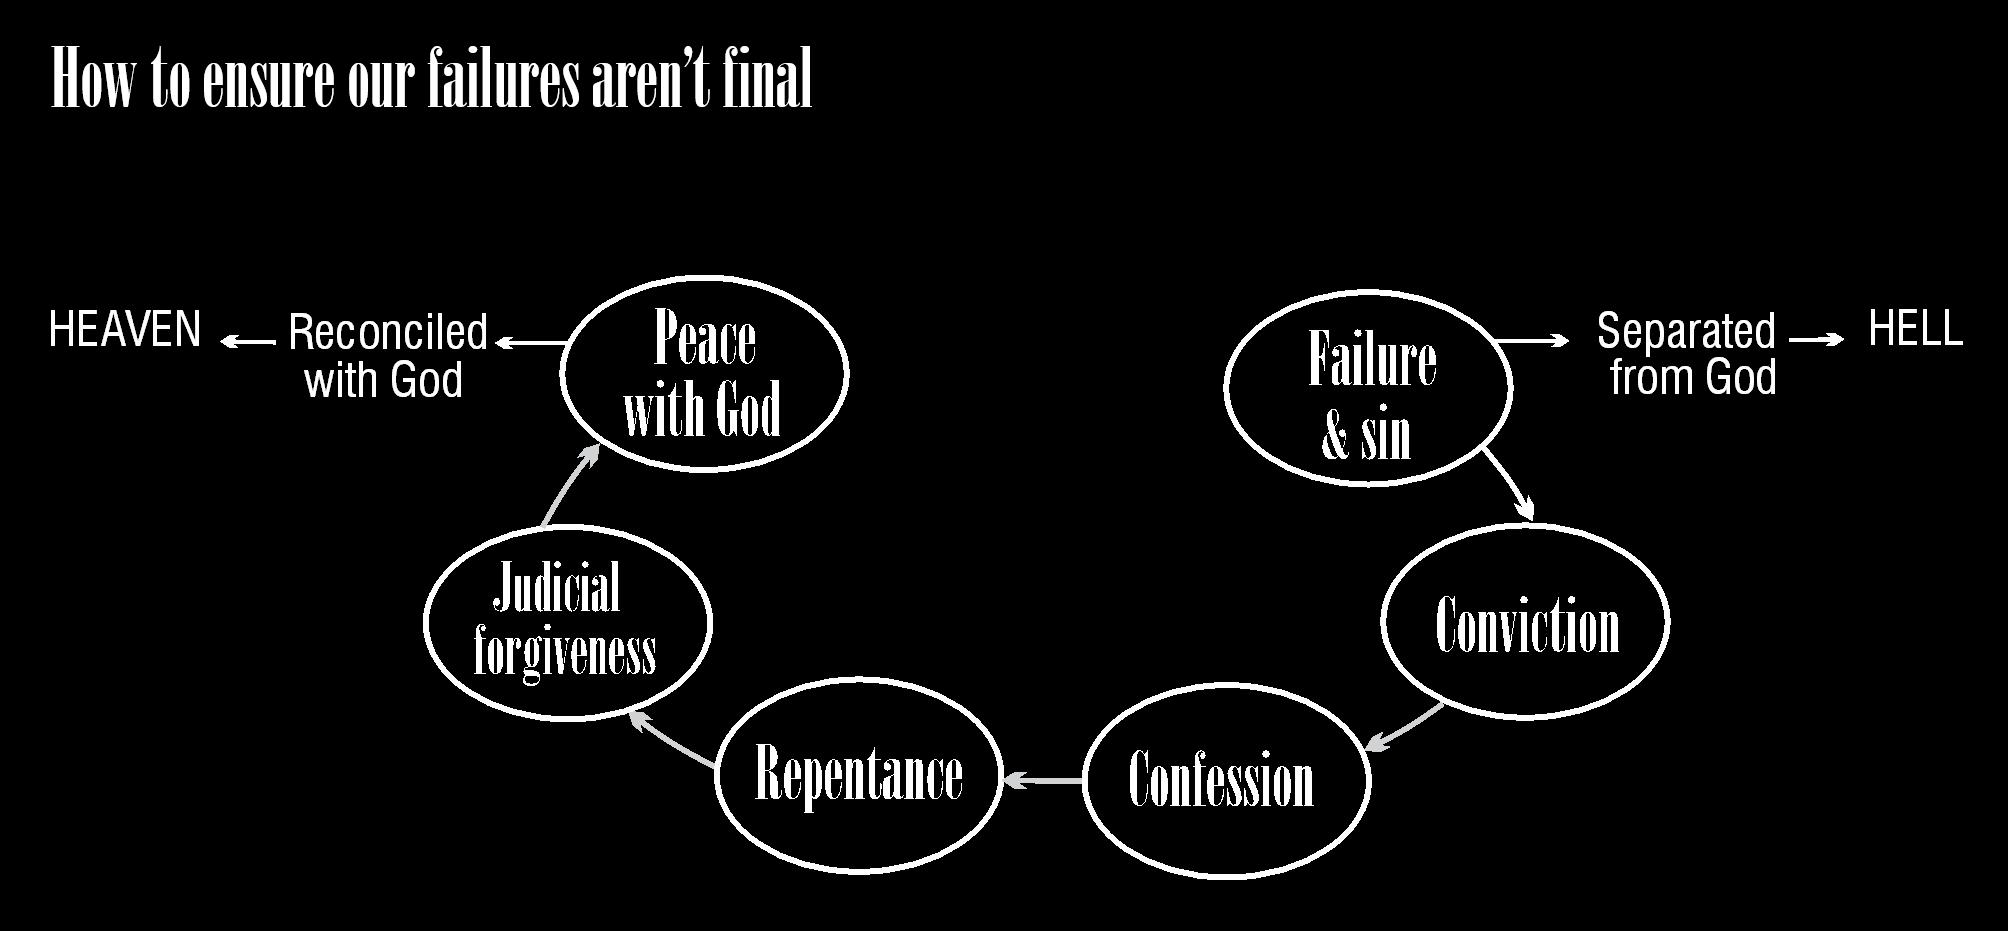 Failure not final 1